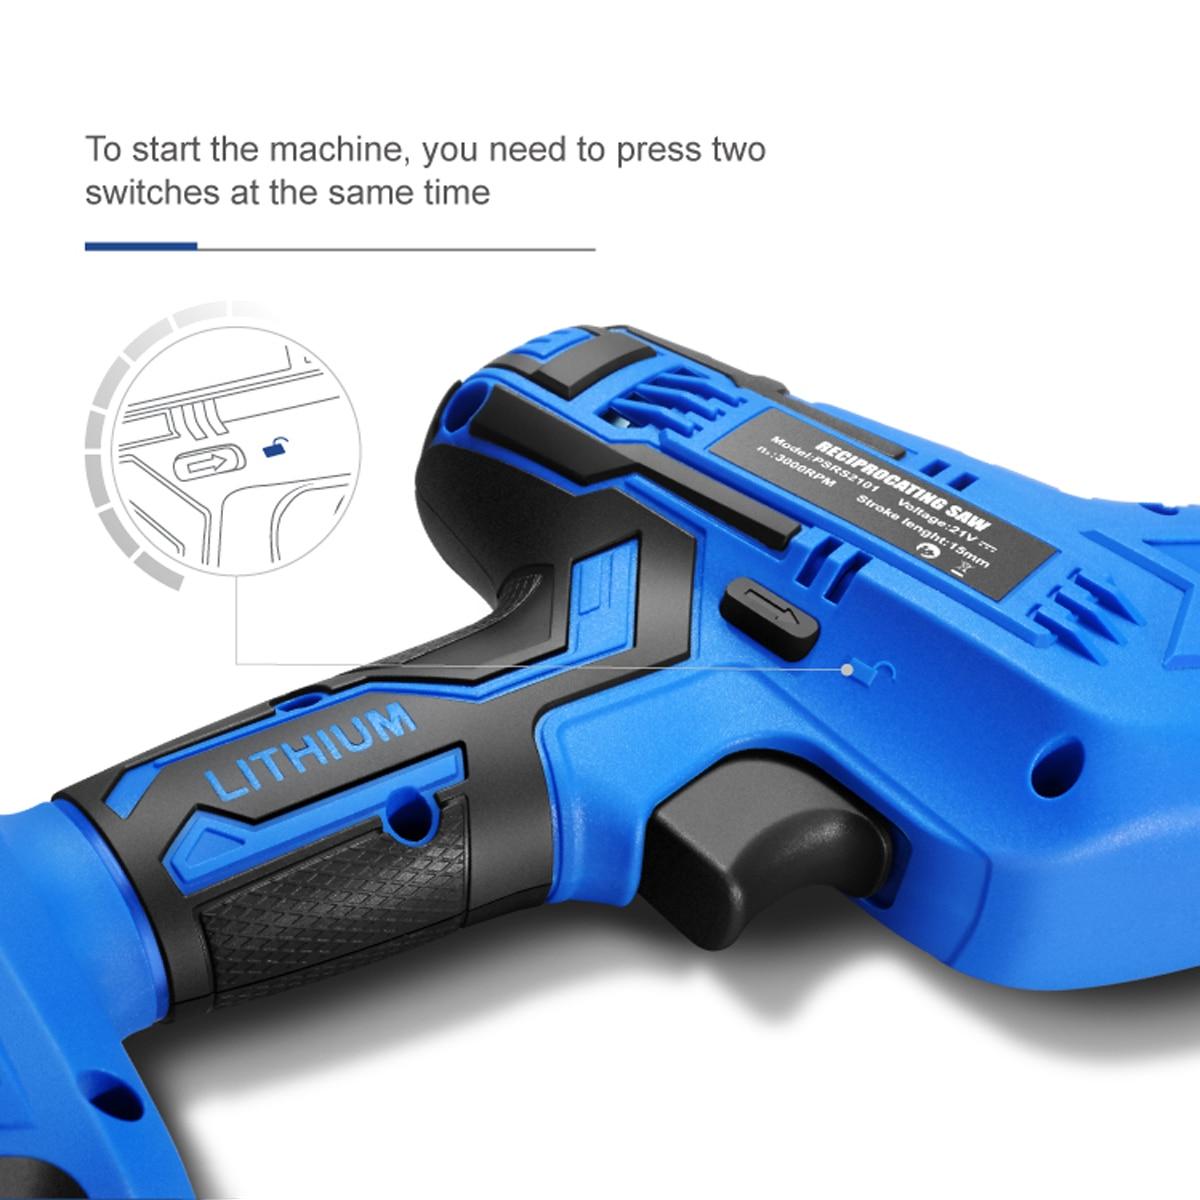 home improvement : BOSCH Power Tools 3 6V Lithium Battery Rechargeable Nail Gun 11 4mm Multi-purpose Stapler Stapler